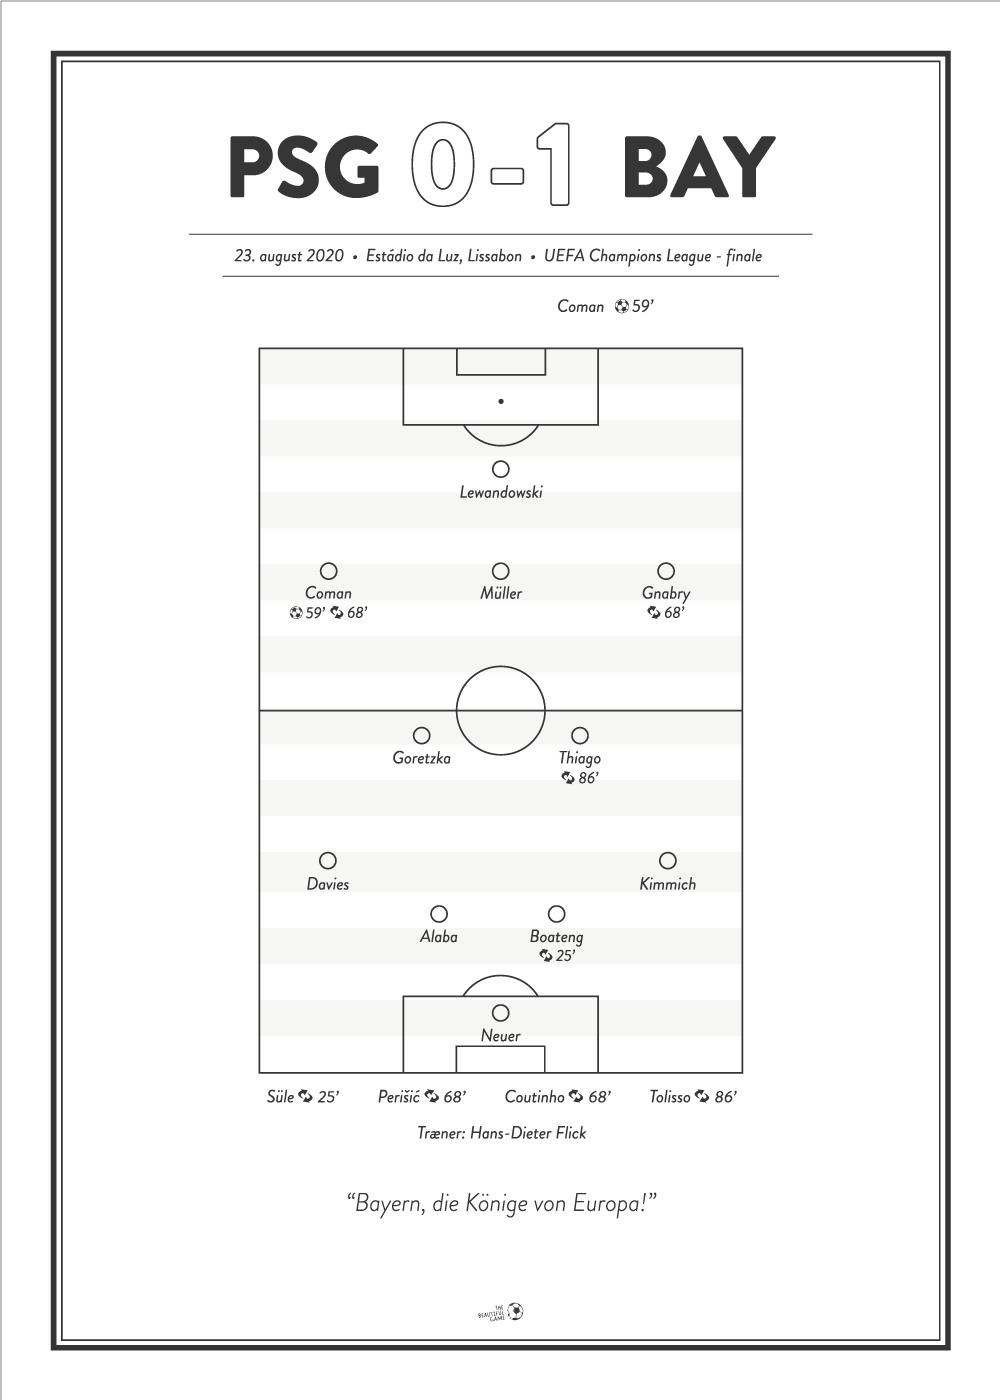 Billede af PSG - BAY 0-1 UEFA Champions League Finale plakat